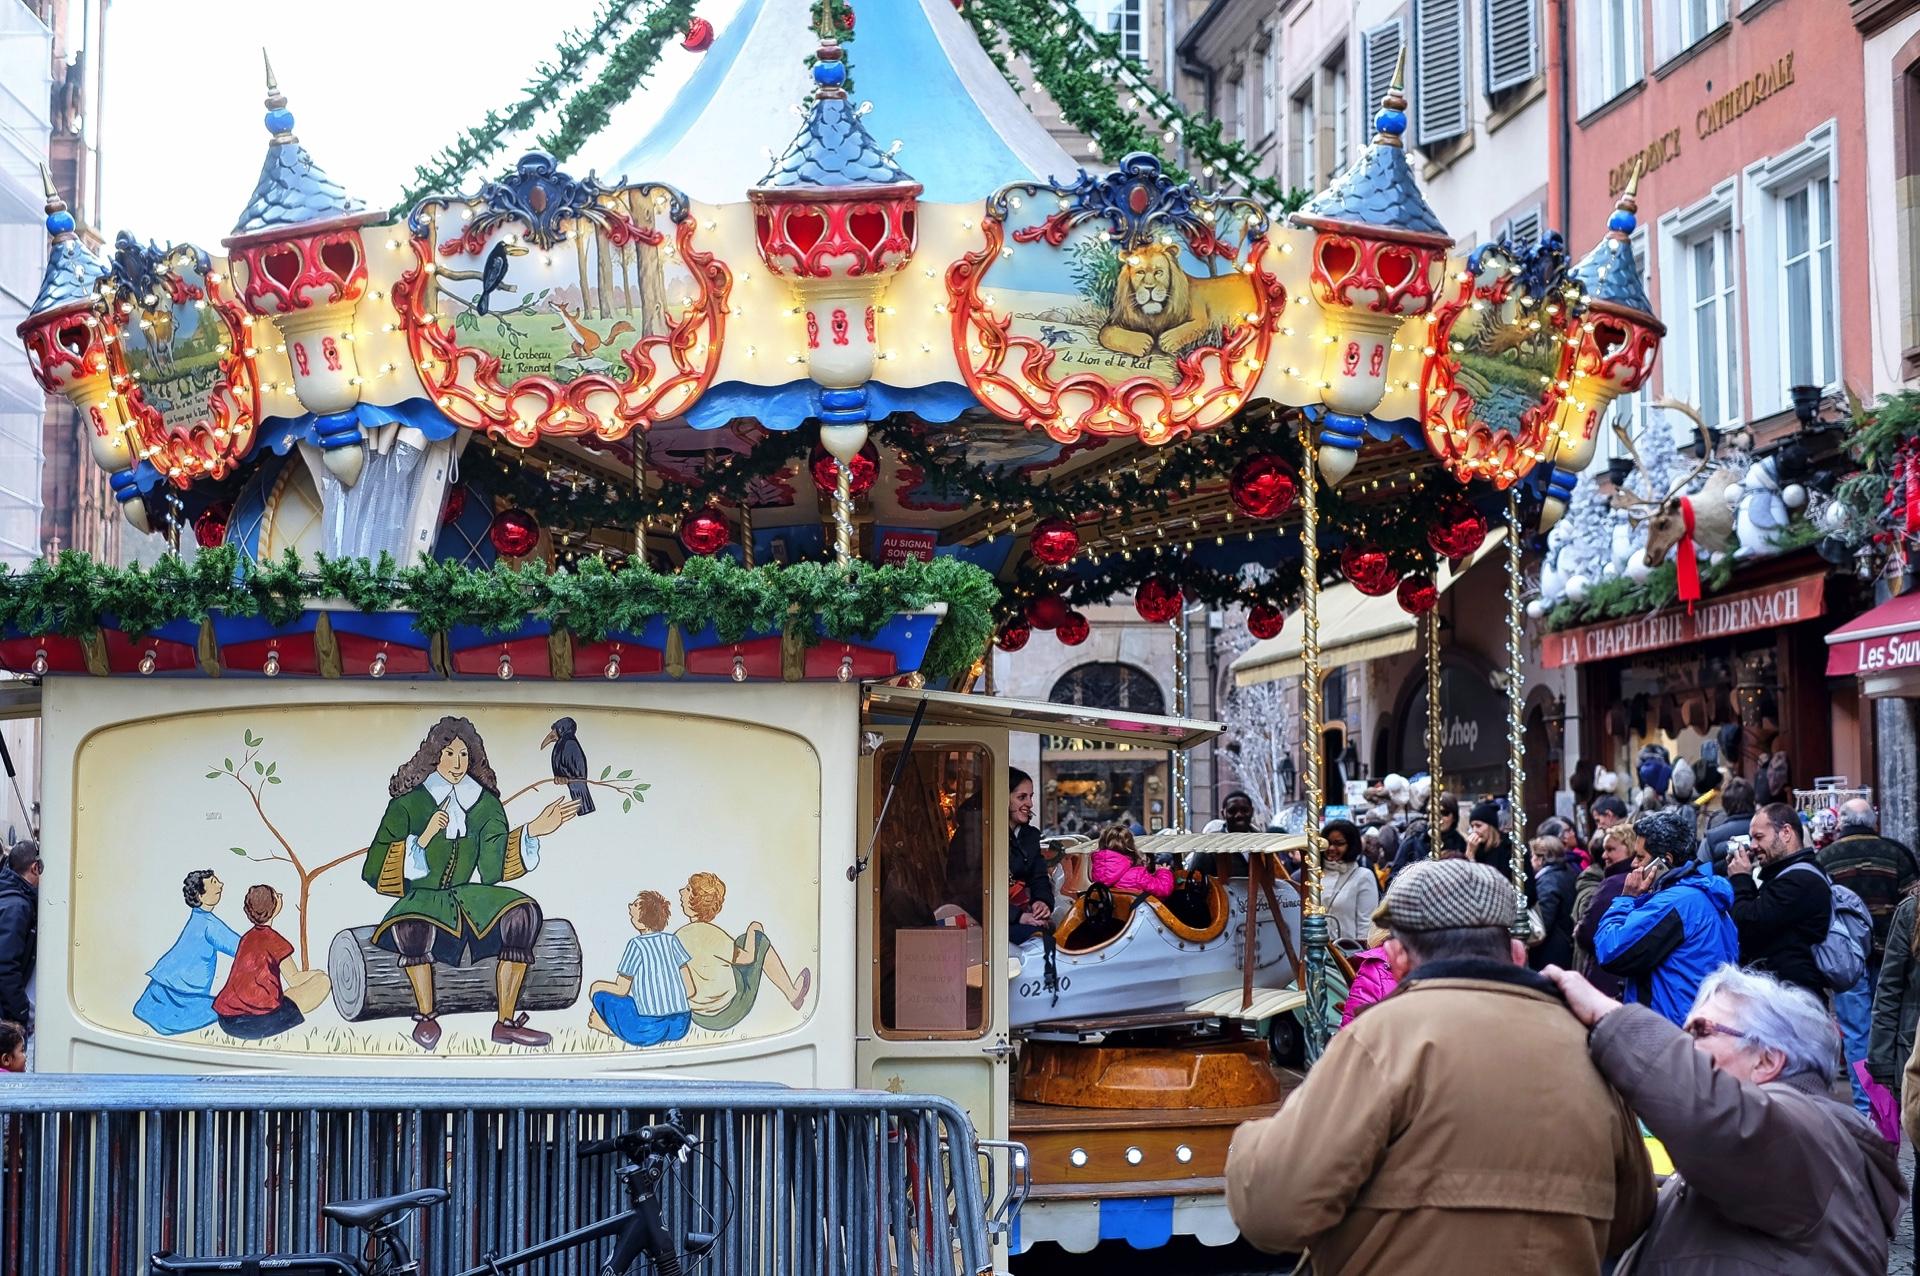 Fotos Vom Weihnachtsmarkt In Strassburg Marche Au Noel